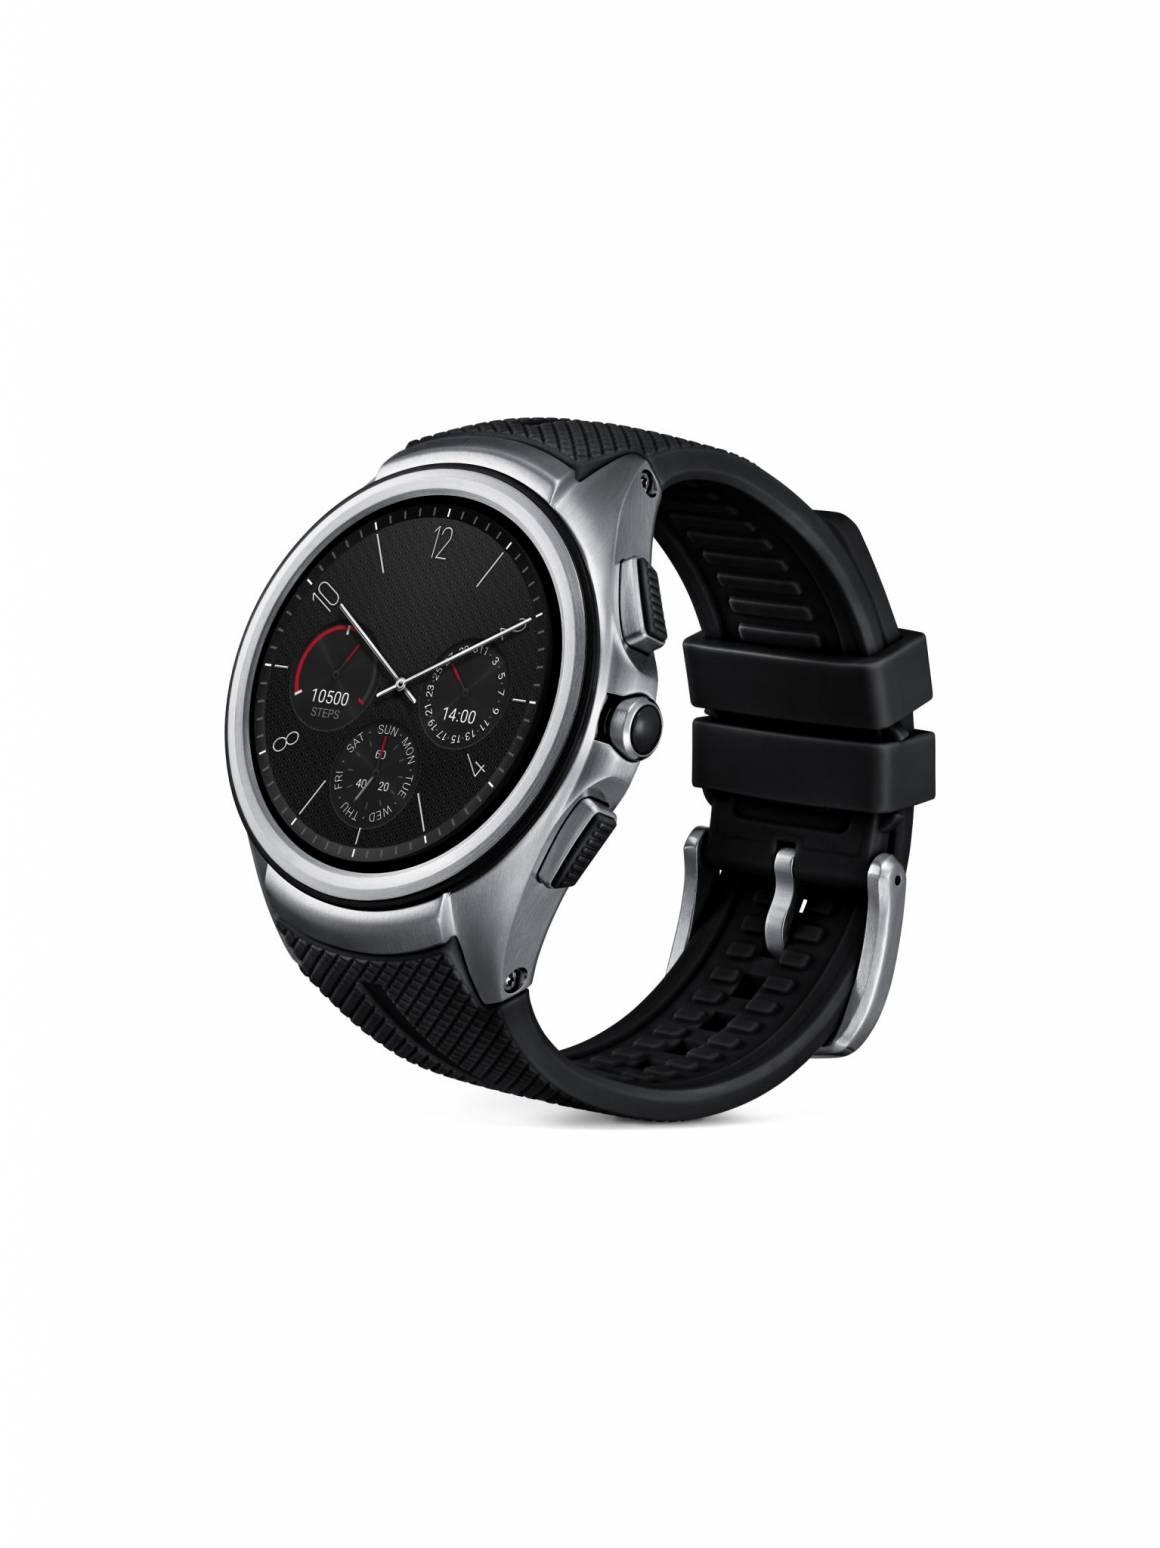 Come allenarsi con lo smartwatch grazie a LG Watch Urbane 2 1160x1548 - Come allenarsi con lo smartwatch grazie a LG Watch Urbane 2